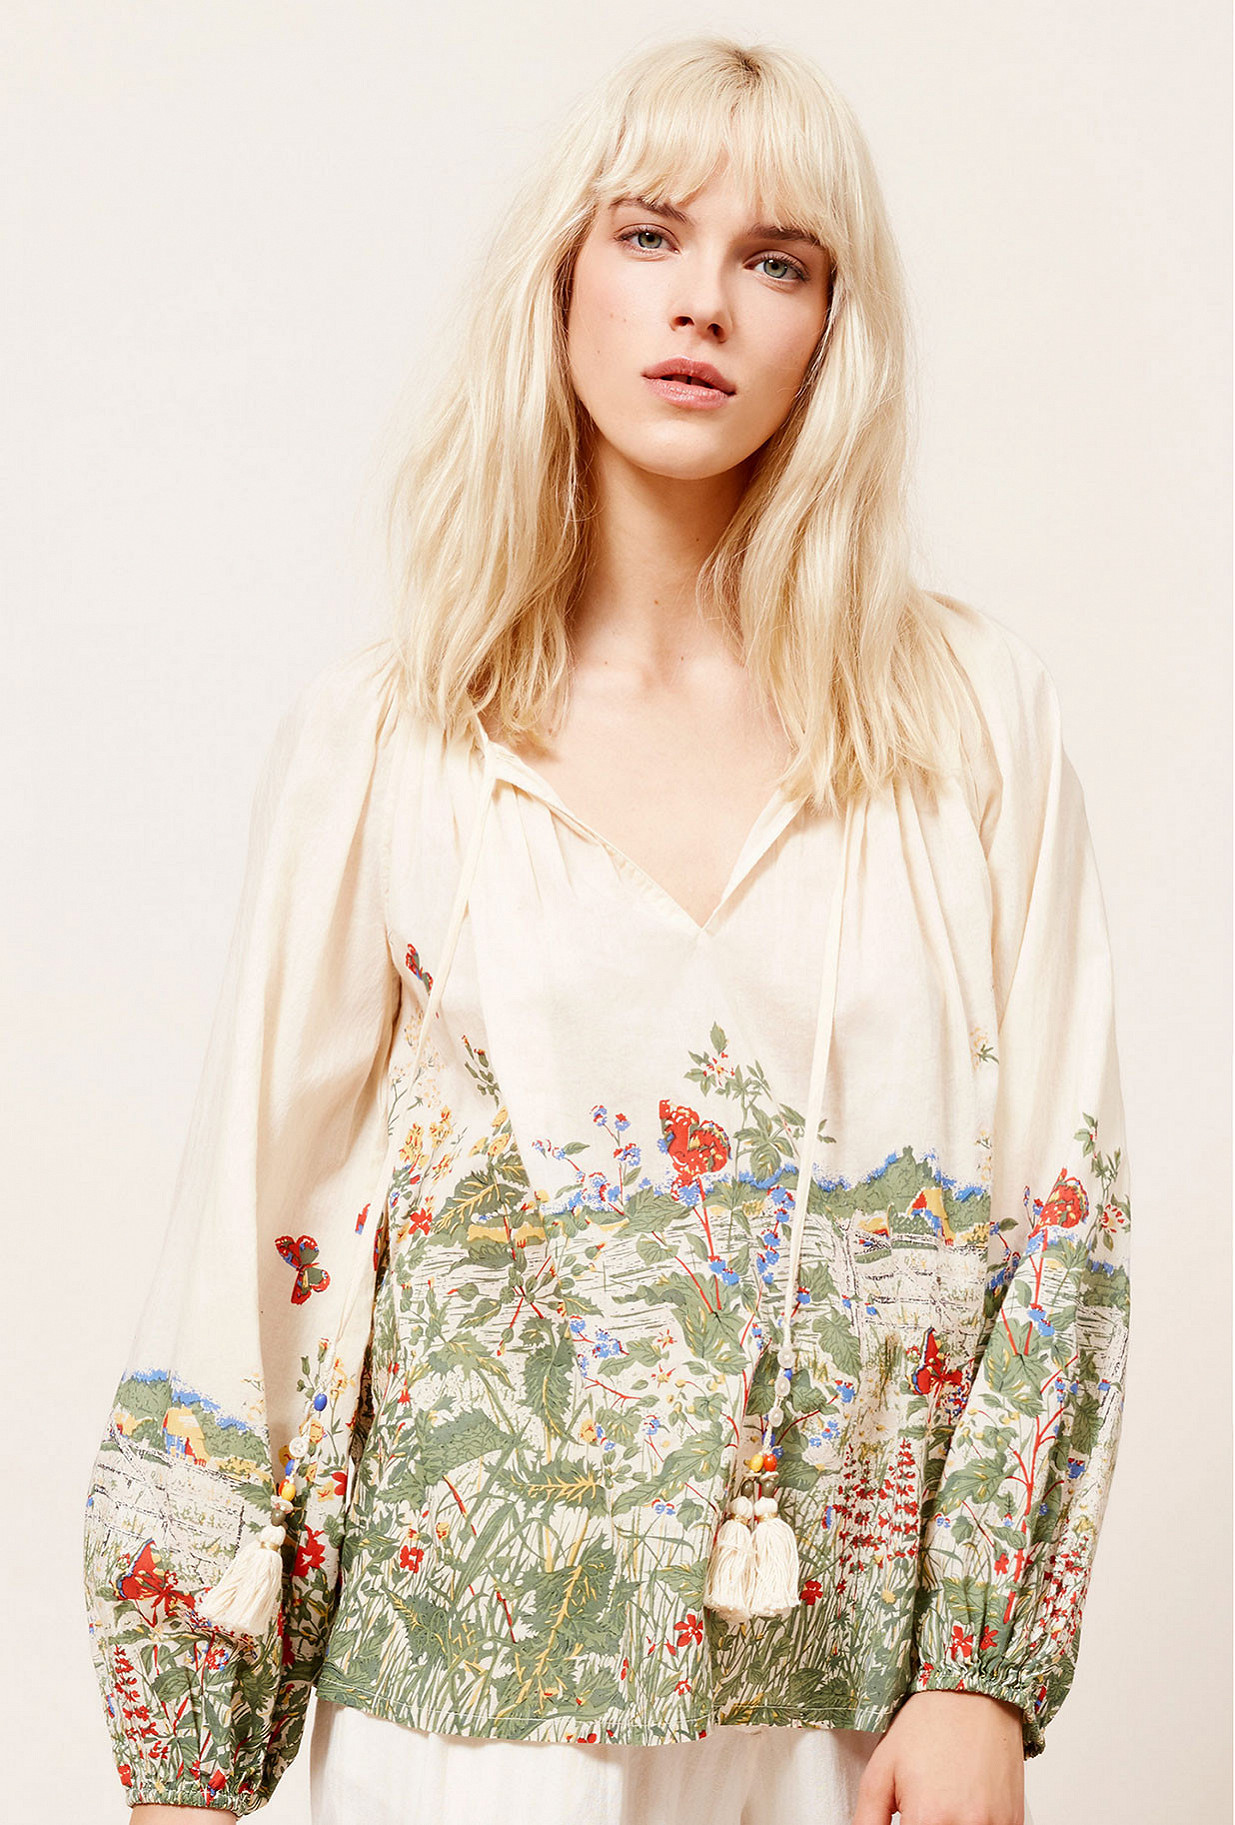 Paris clothes store Blouse Gwenael french designer fashion Paris